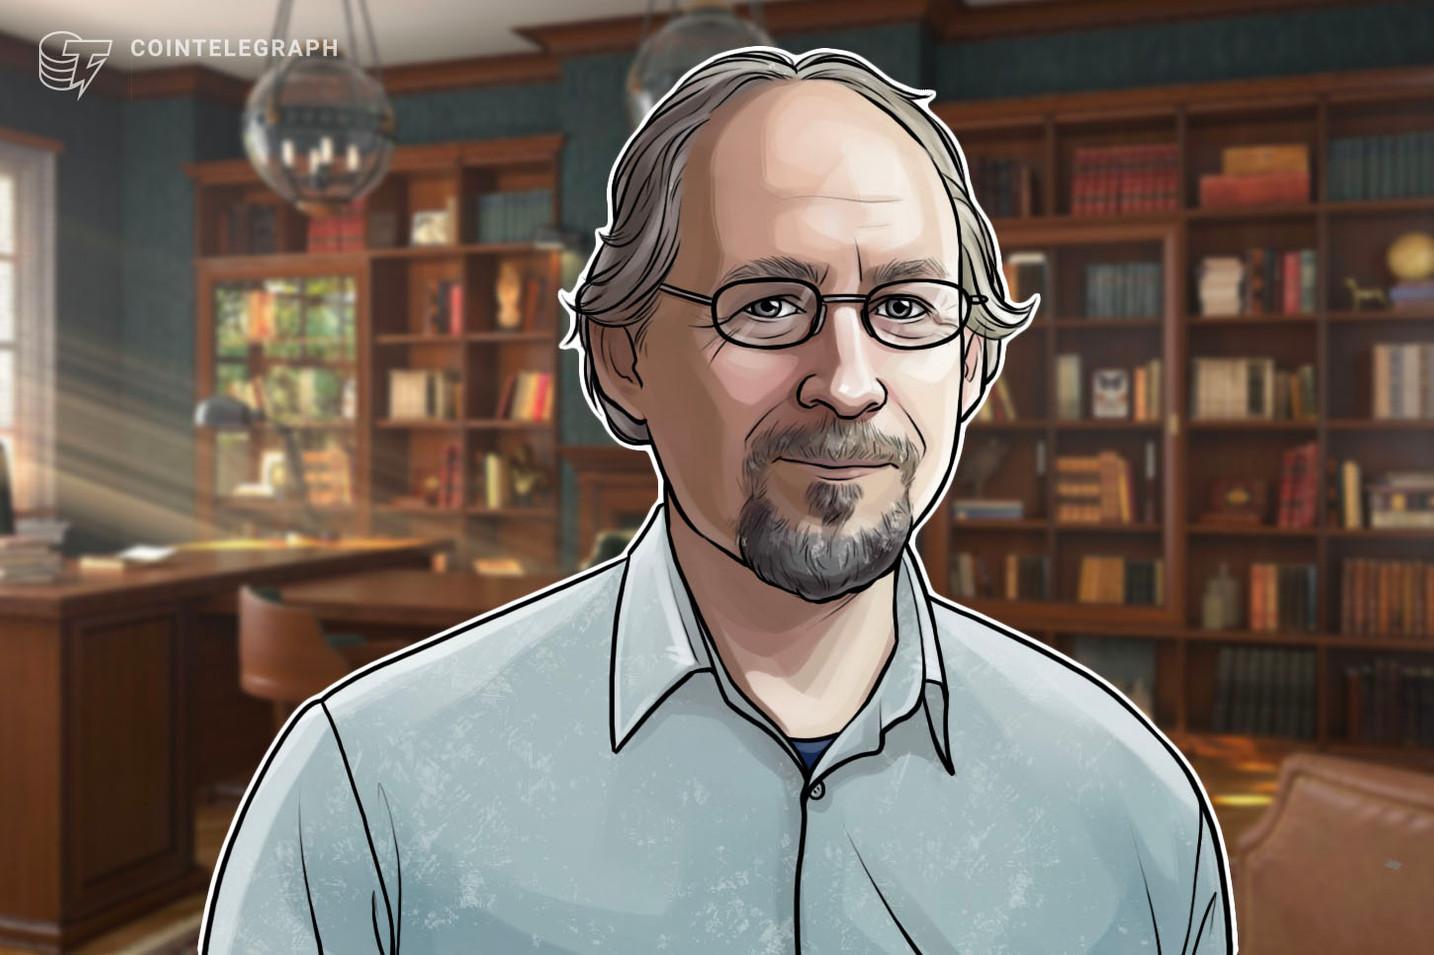 ビットコインマイニングを証券化、仮想通貨企業ブロックストリームが発表